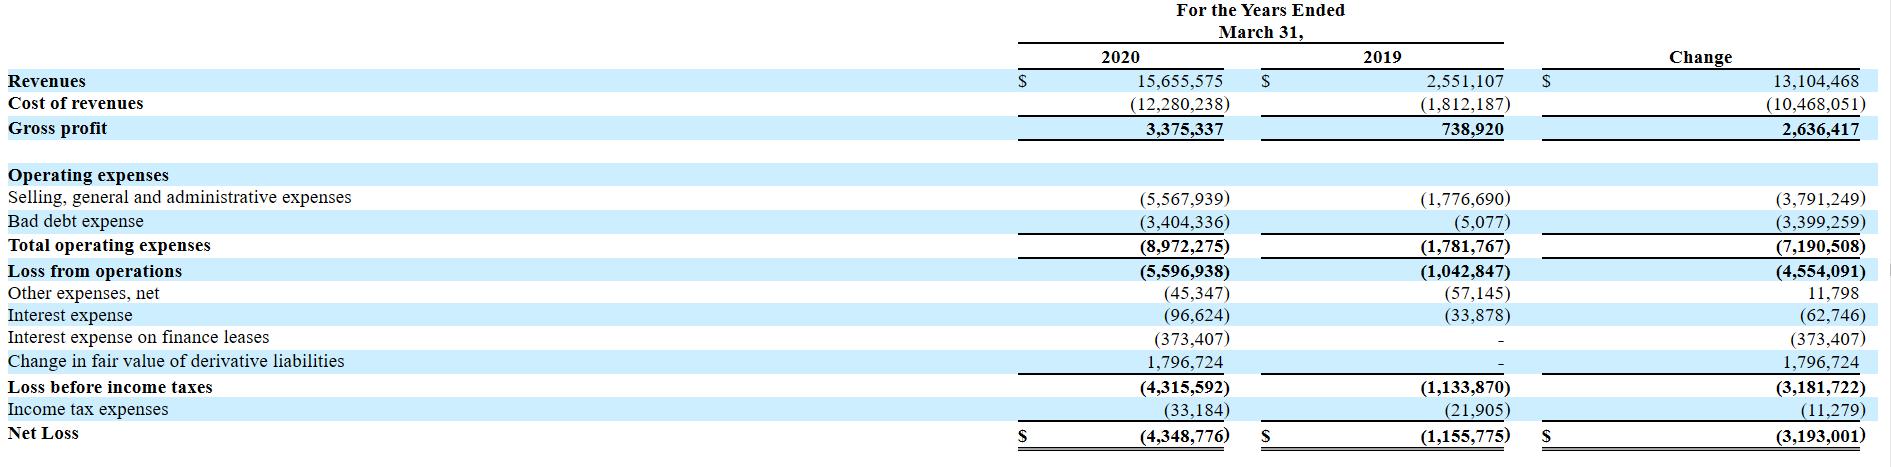 网贷平台爱鸿森2020财年净亏损同比扩大276%